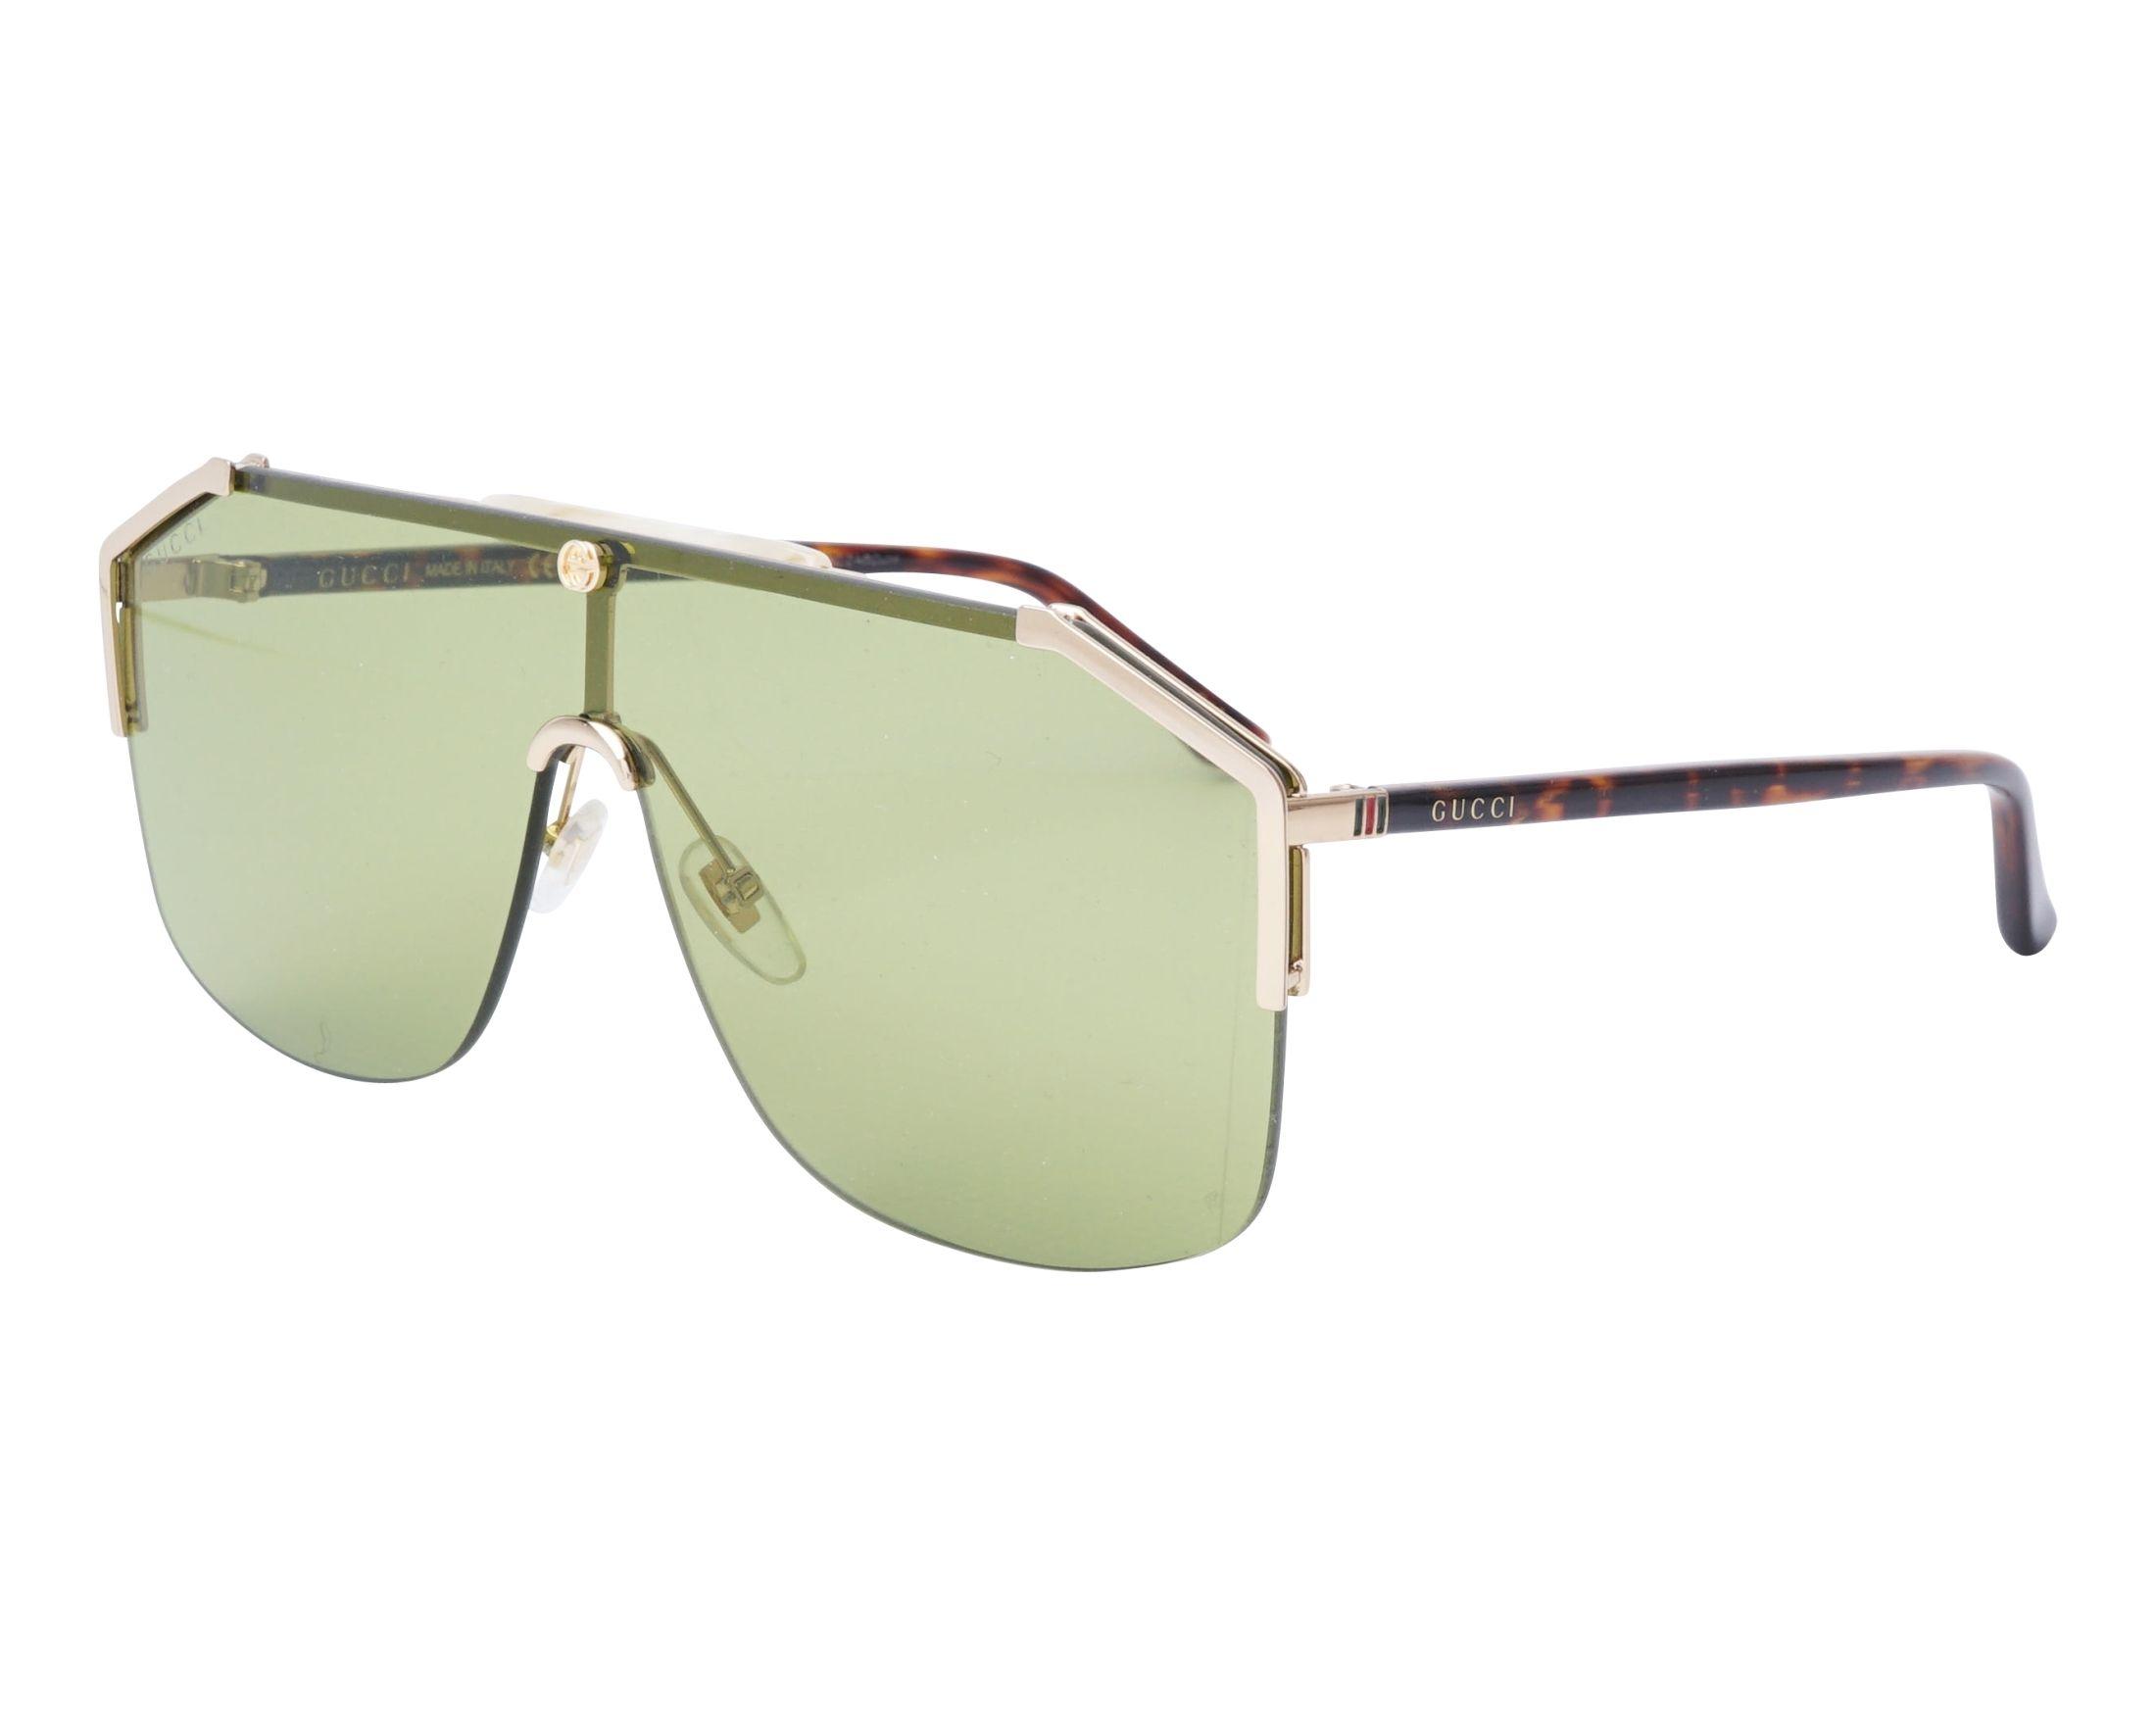 0d5cf57df3 Sunglasses Gucci GG-0291-S 004 99-1 Gold Havana profile view